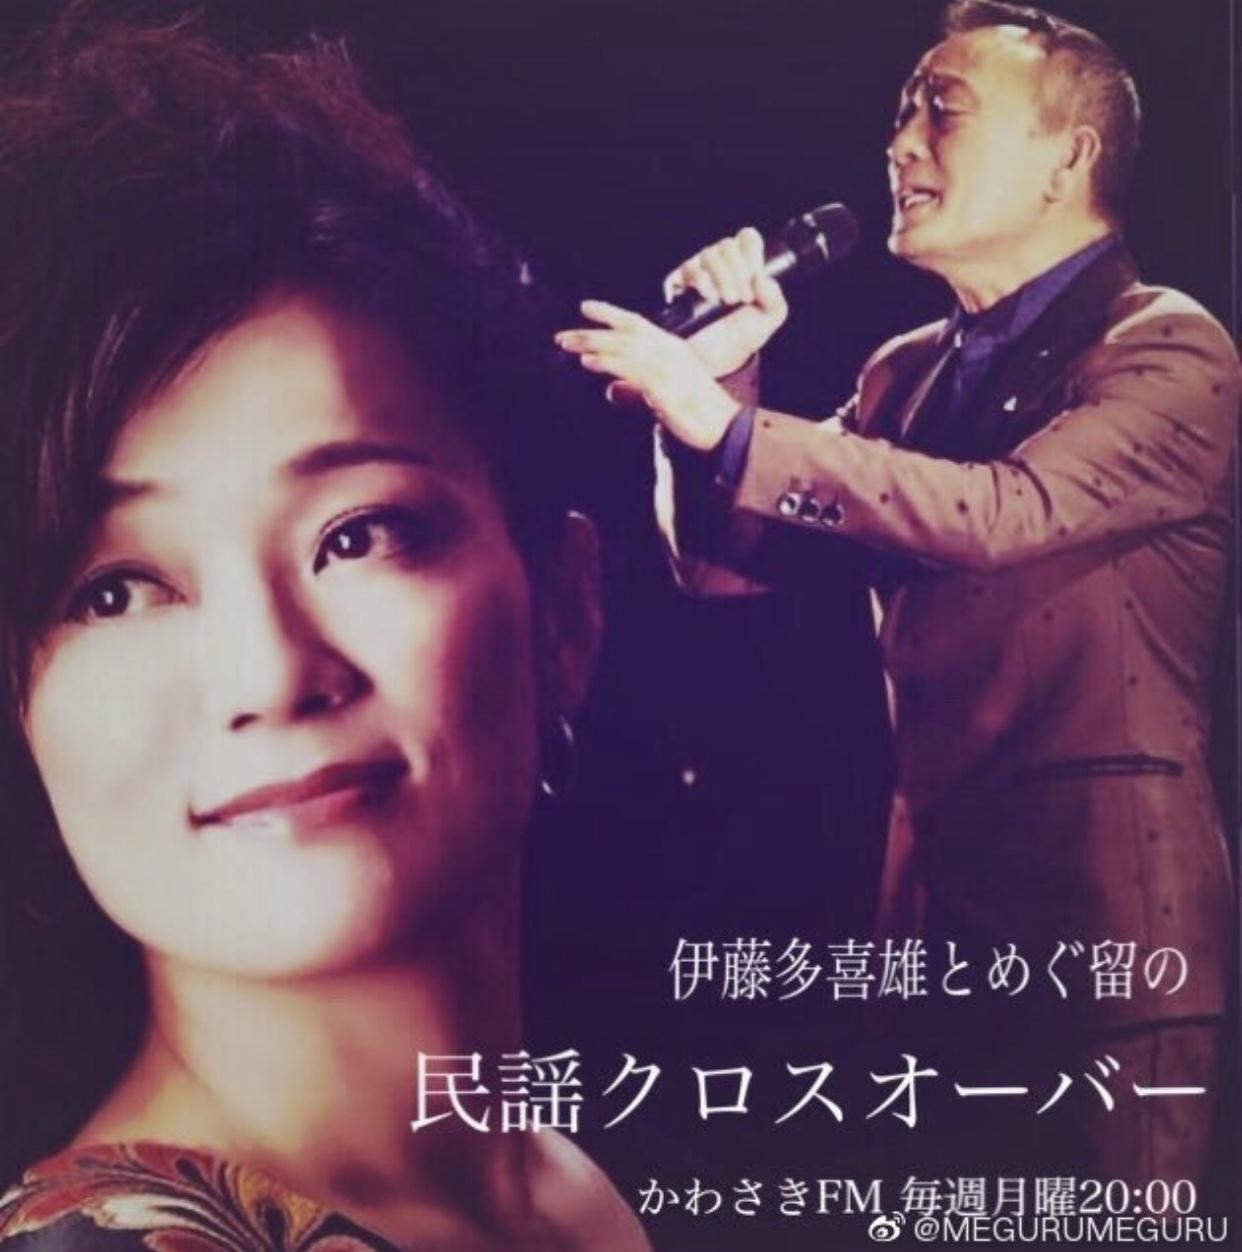 中国での楽曲配信★第二弾_f0115311_22172192.jpeg